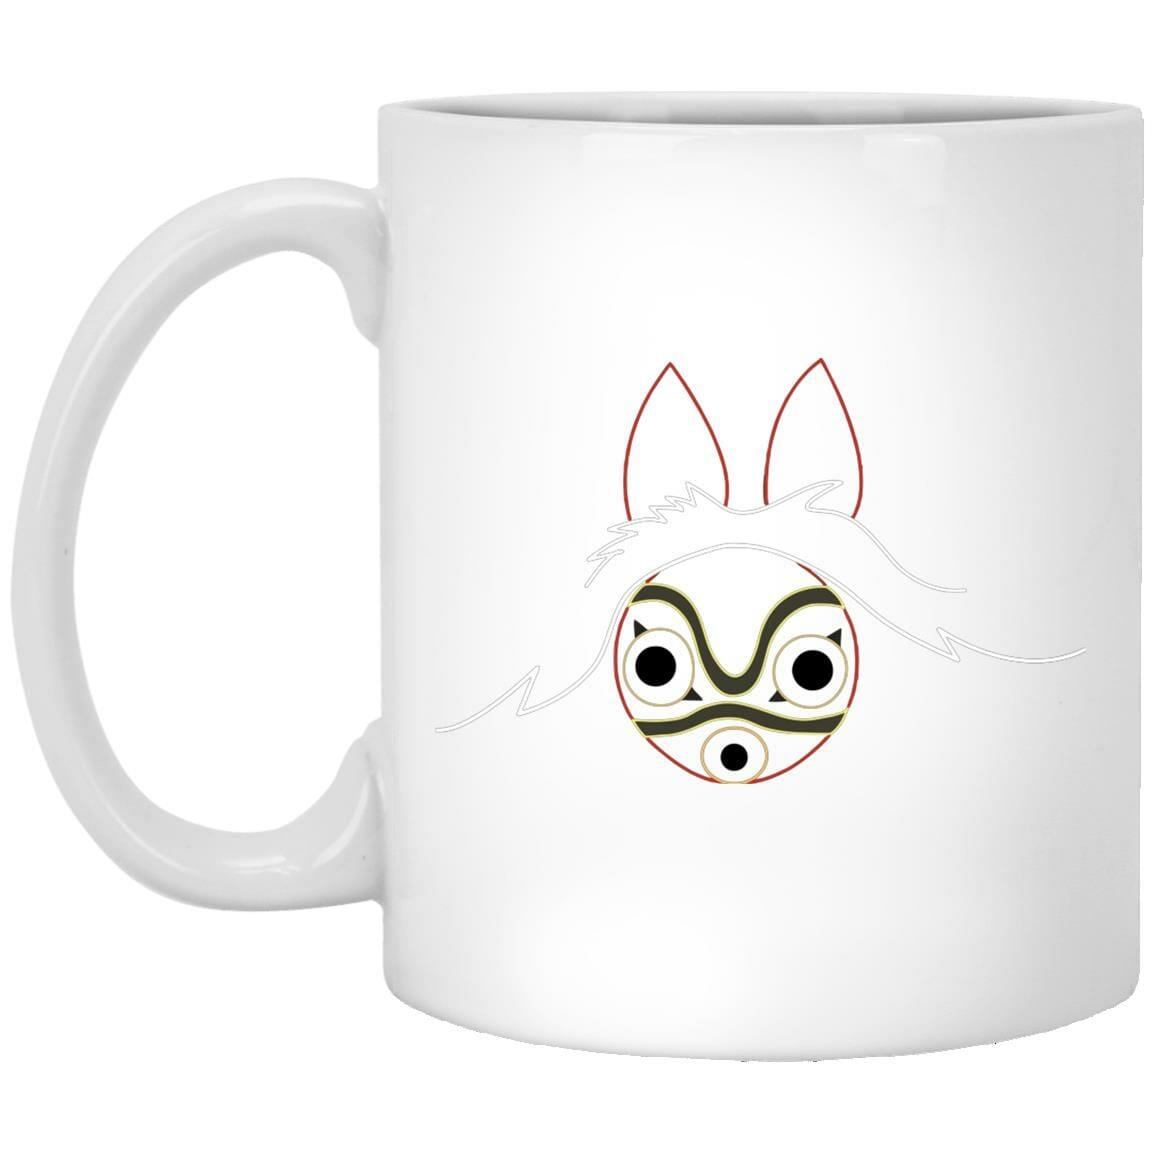 Princess Mononoke Minimalist Mug